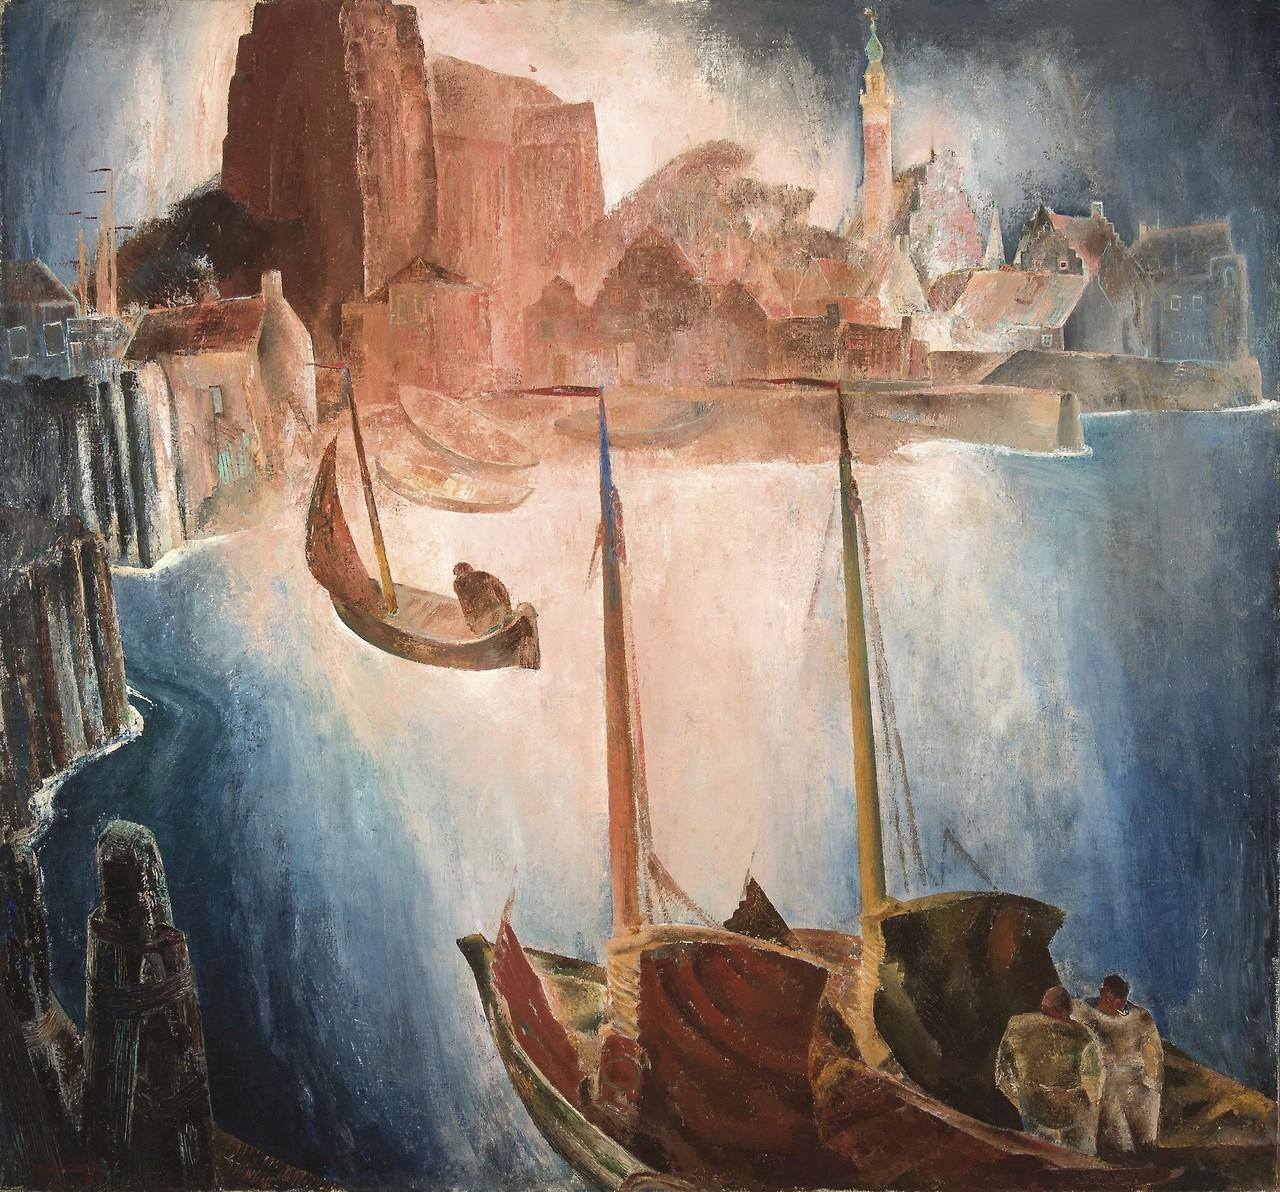 """thunderstruck9: """"Anto Carte (Belgian, 1886-1954), Le port de Veere, 1928. Canvas, 140 x 150 cm. """""""